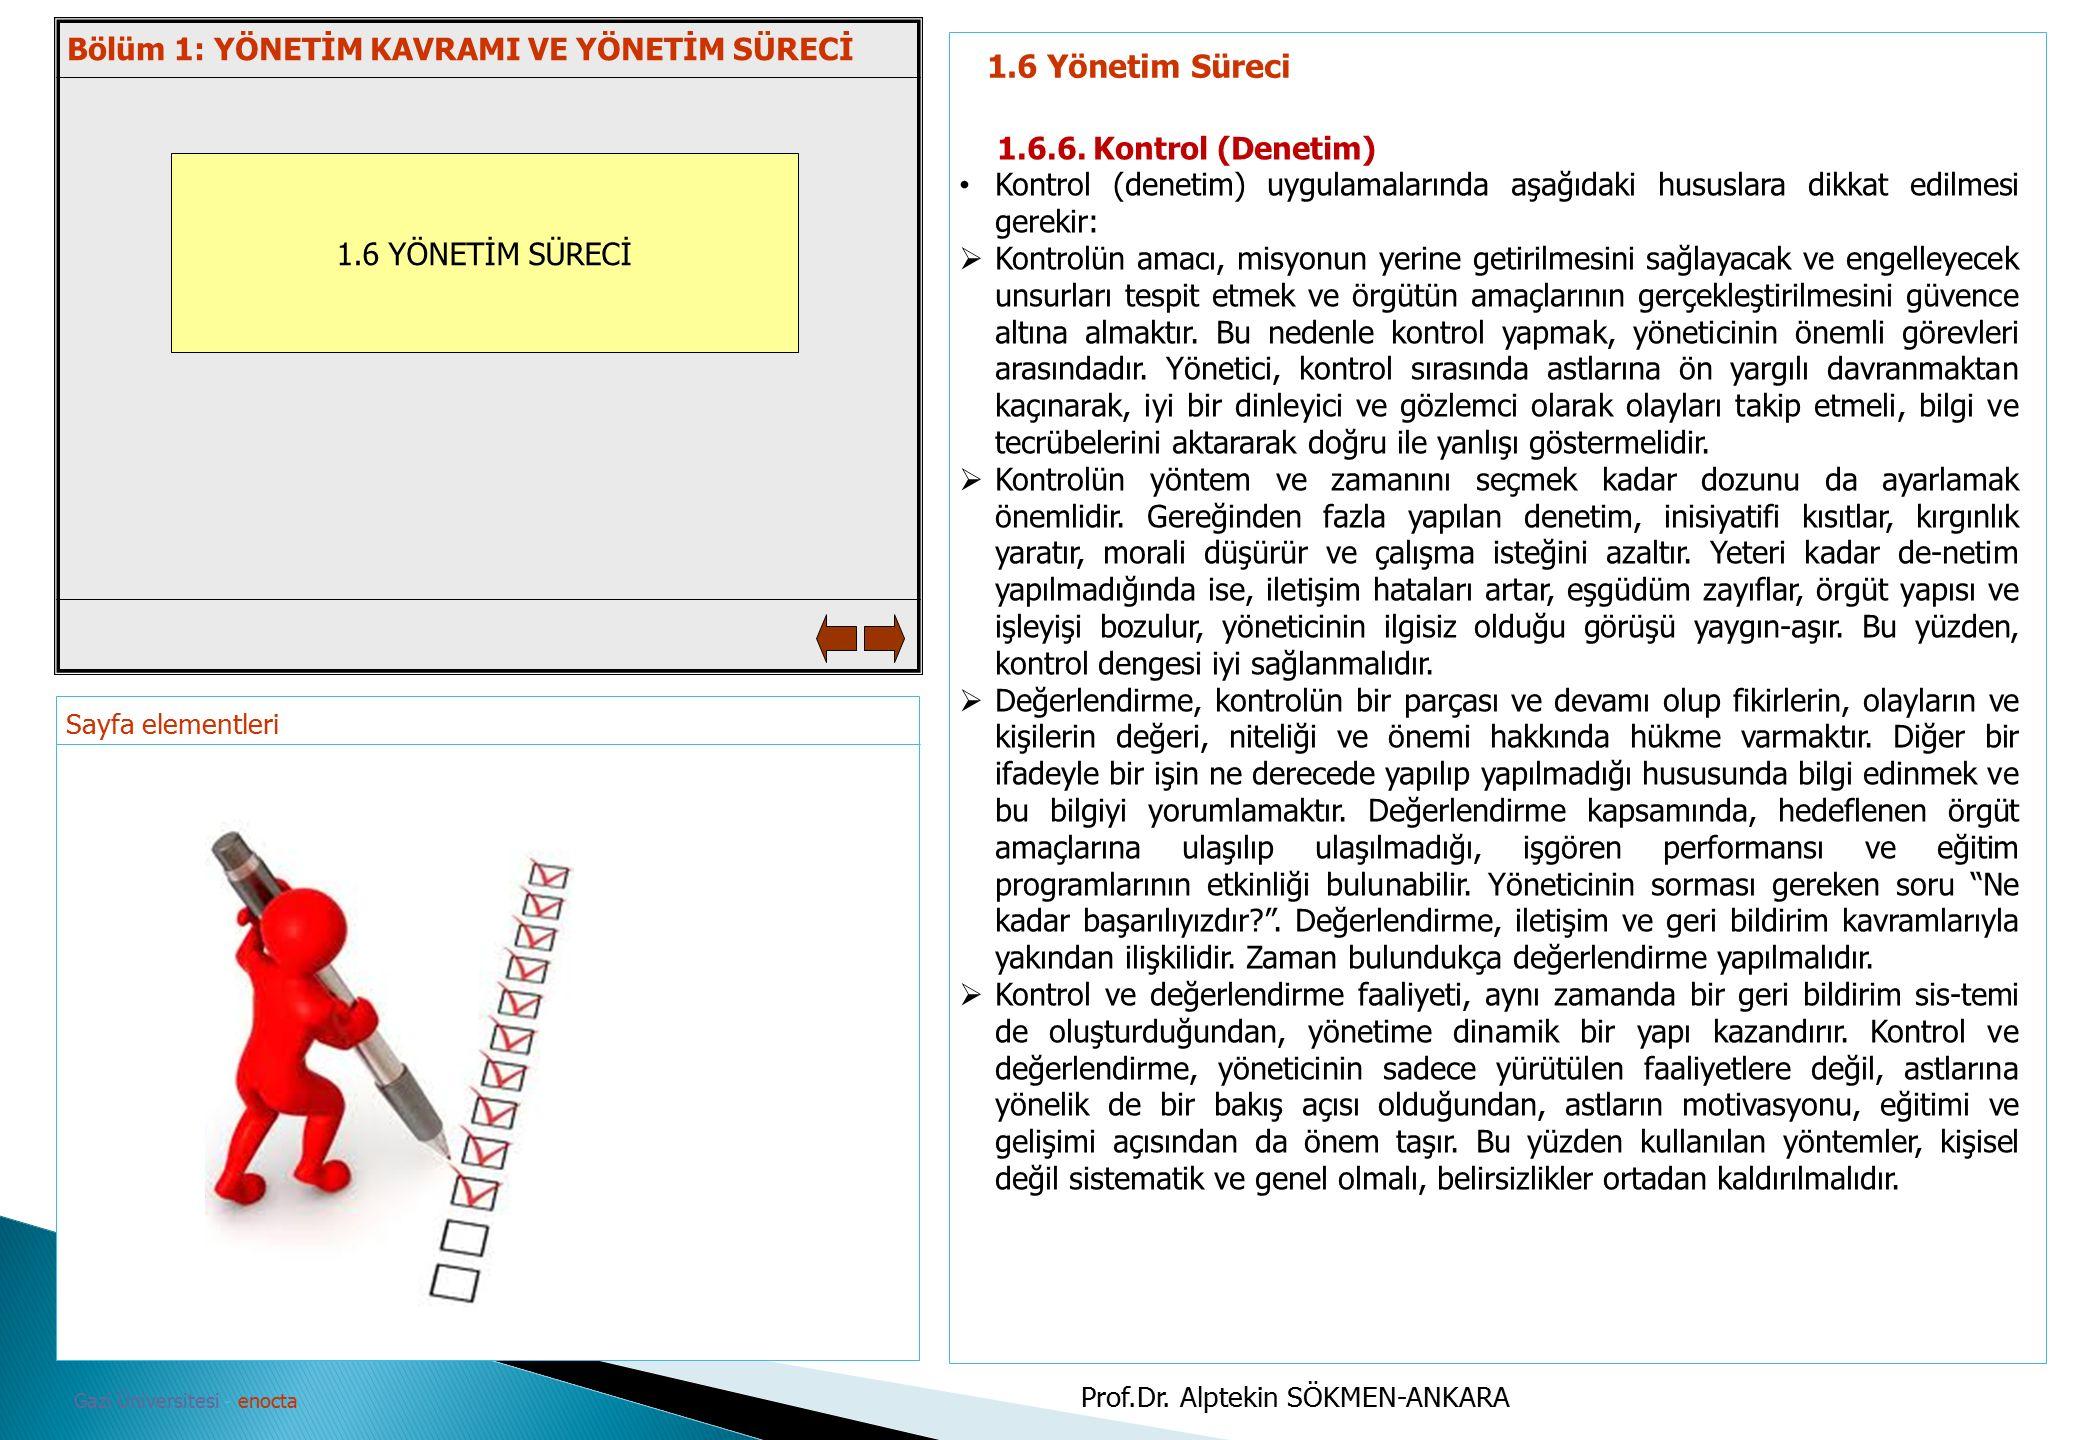 1.6 Yönetim Süreci Bölüm 1: YÖNETİM KAVRAMI VE YÖNETİM SÜRECİ